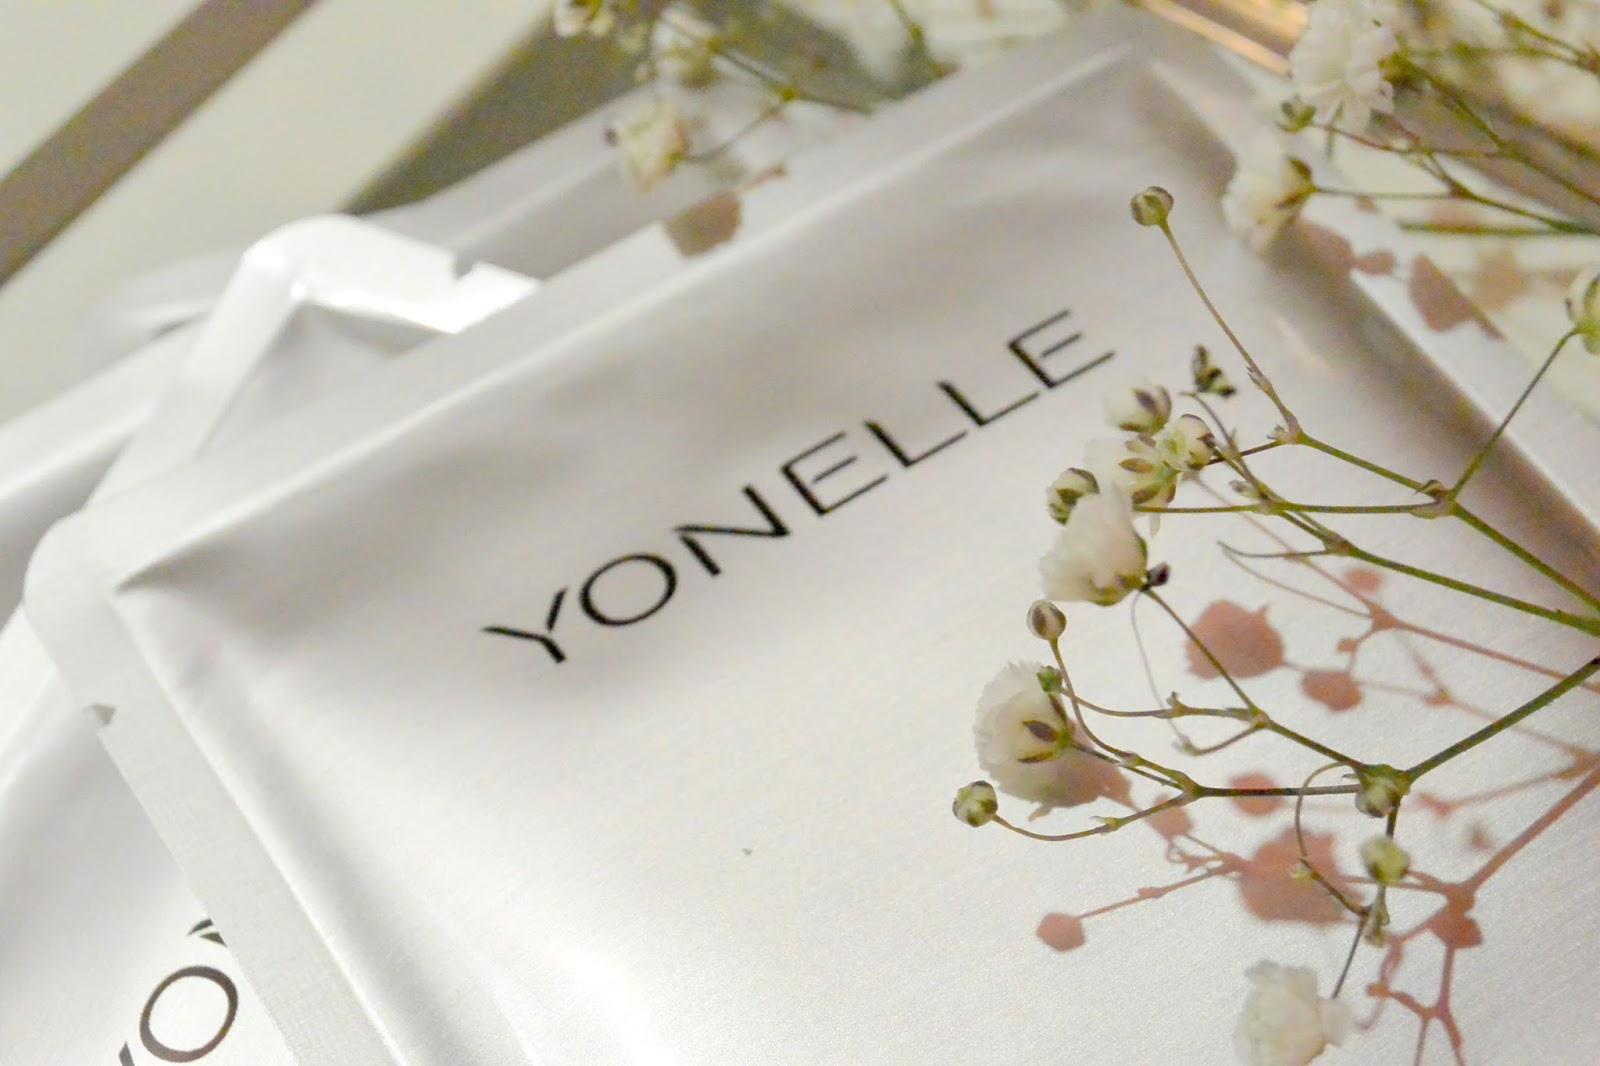 Yonelle